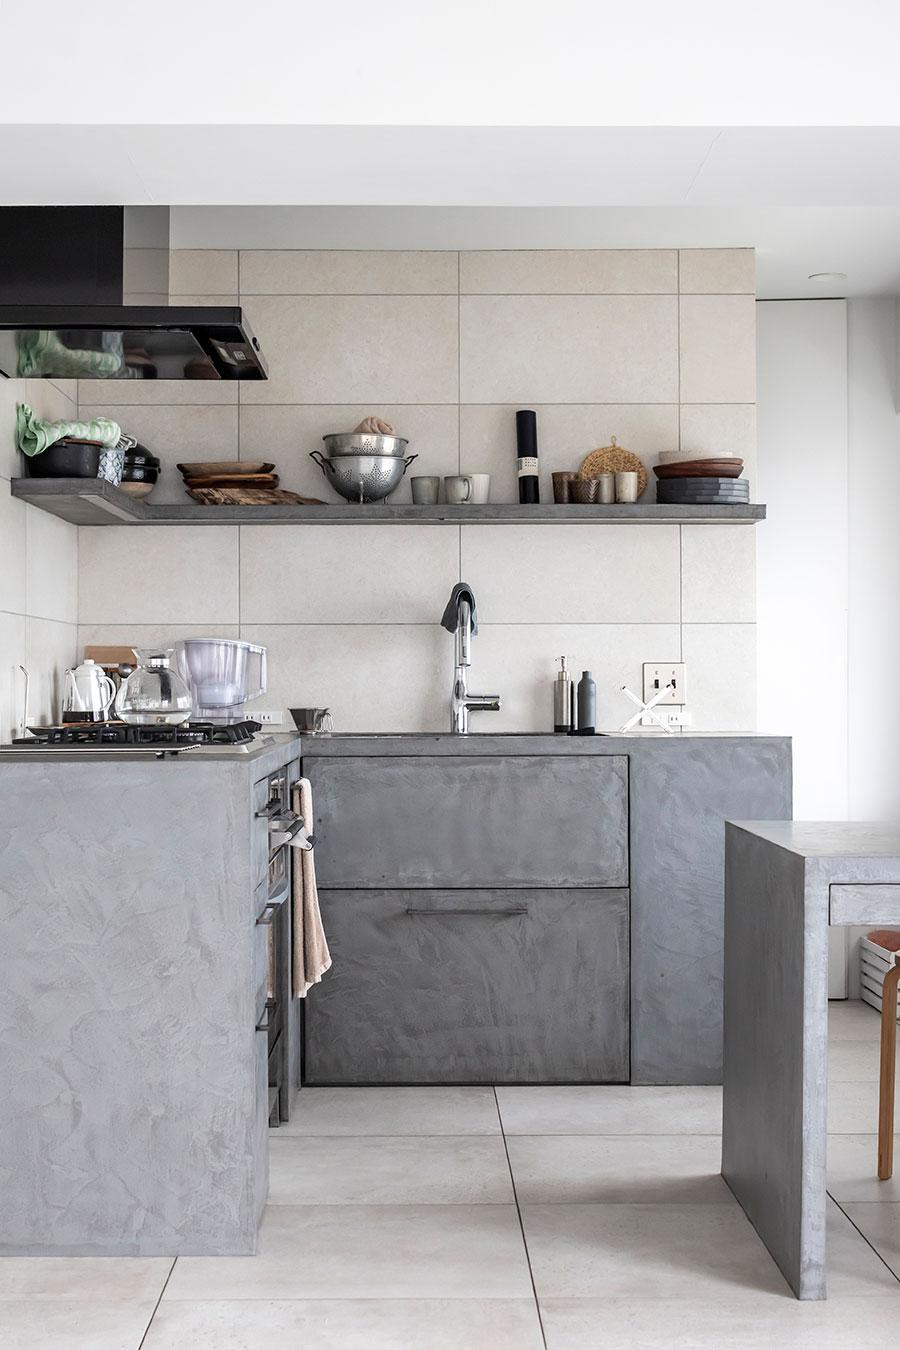 表面をモールテックスで塗装した木製の造作キッチン。